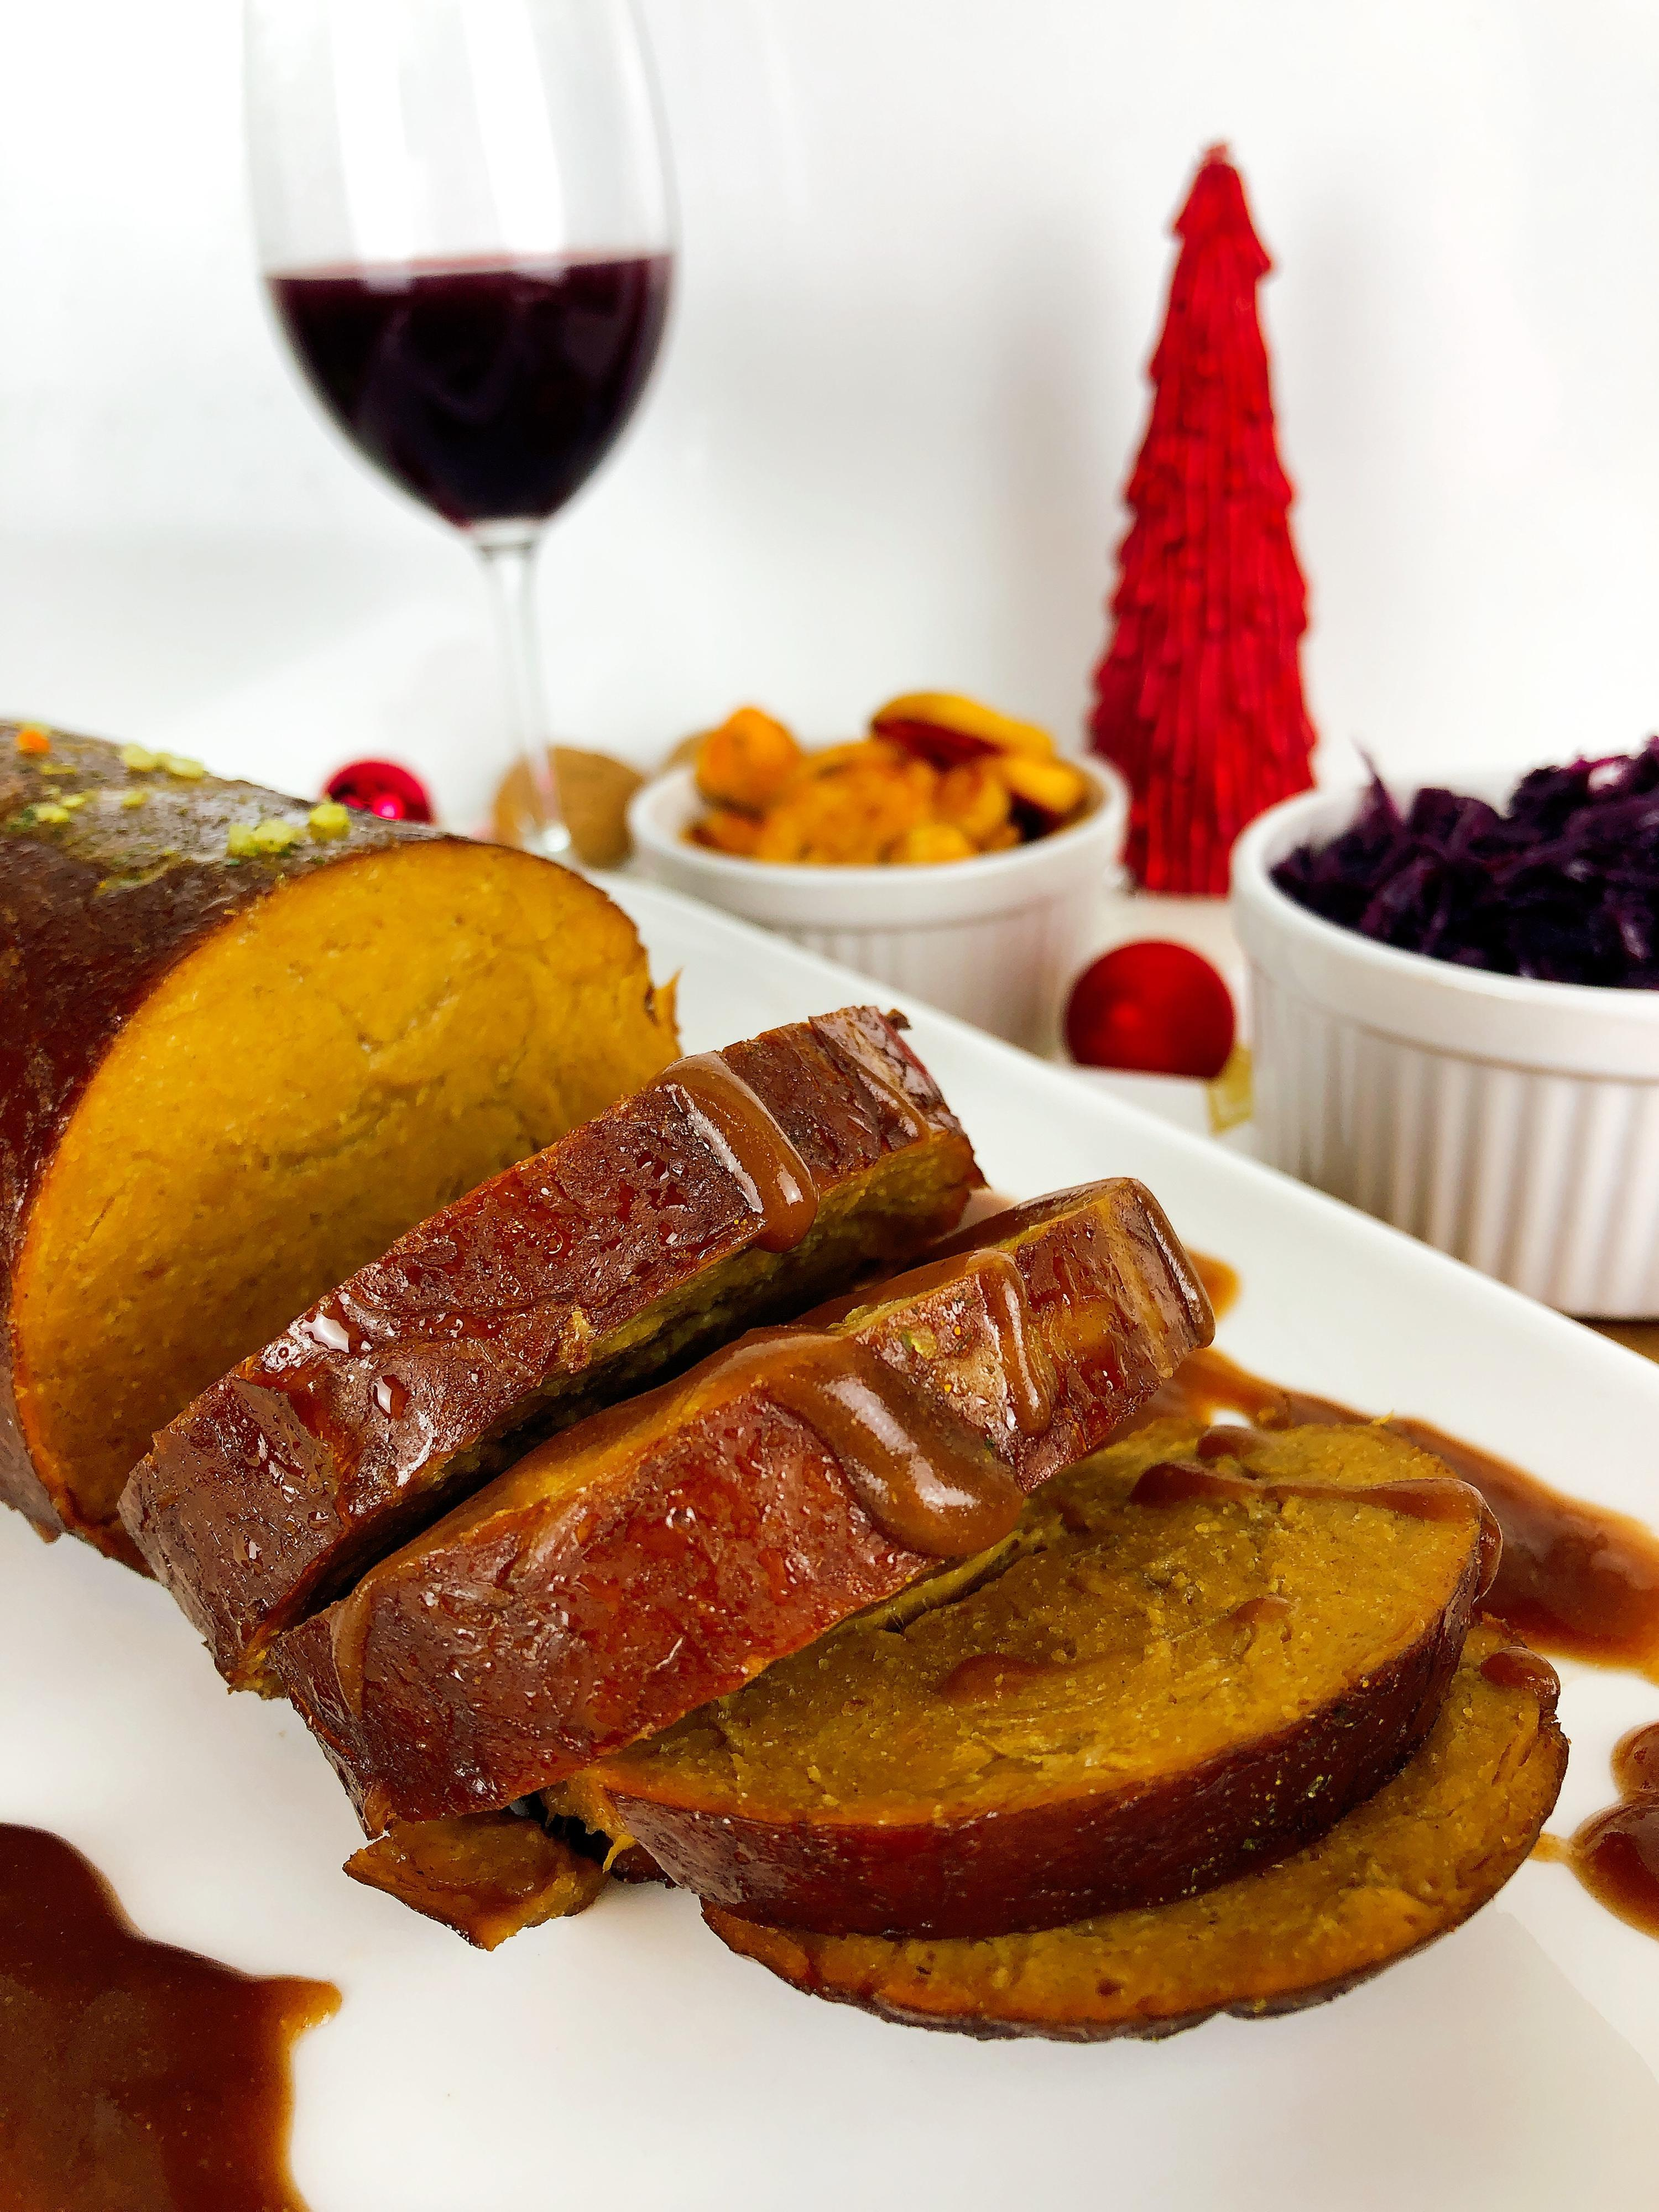 Braten Weihnachten.Drei Gänge Samt Braten So Klappt Das Vegane Weihnachtsmenü Gala De